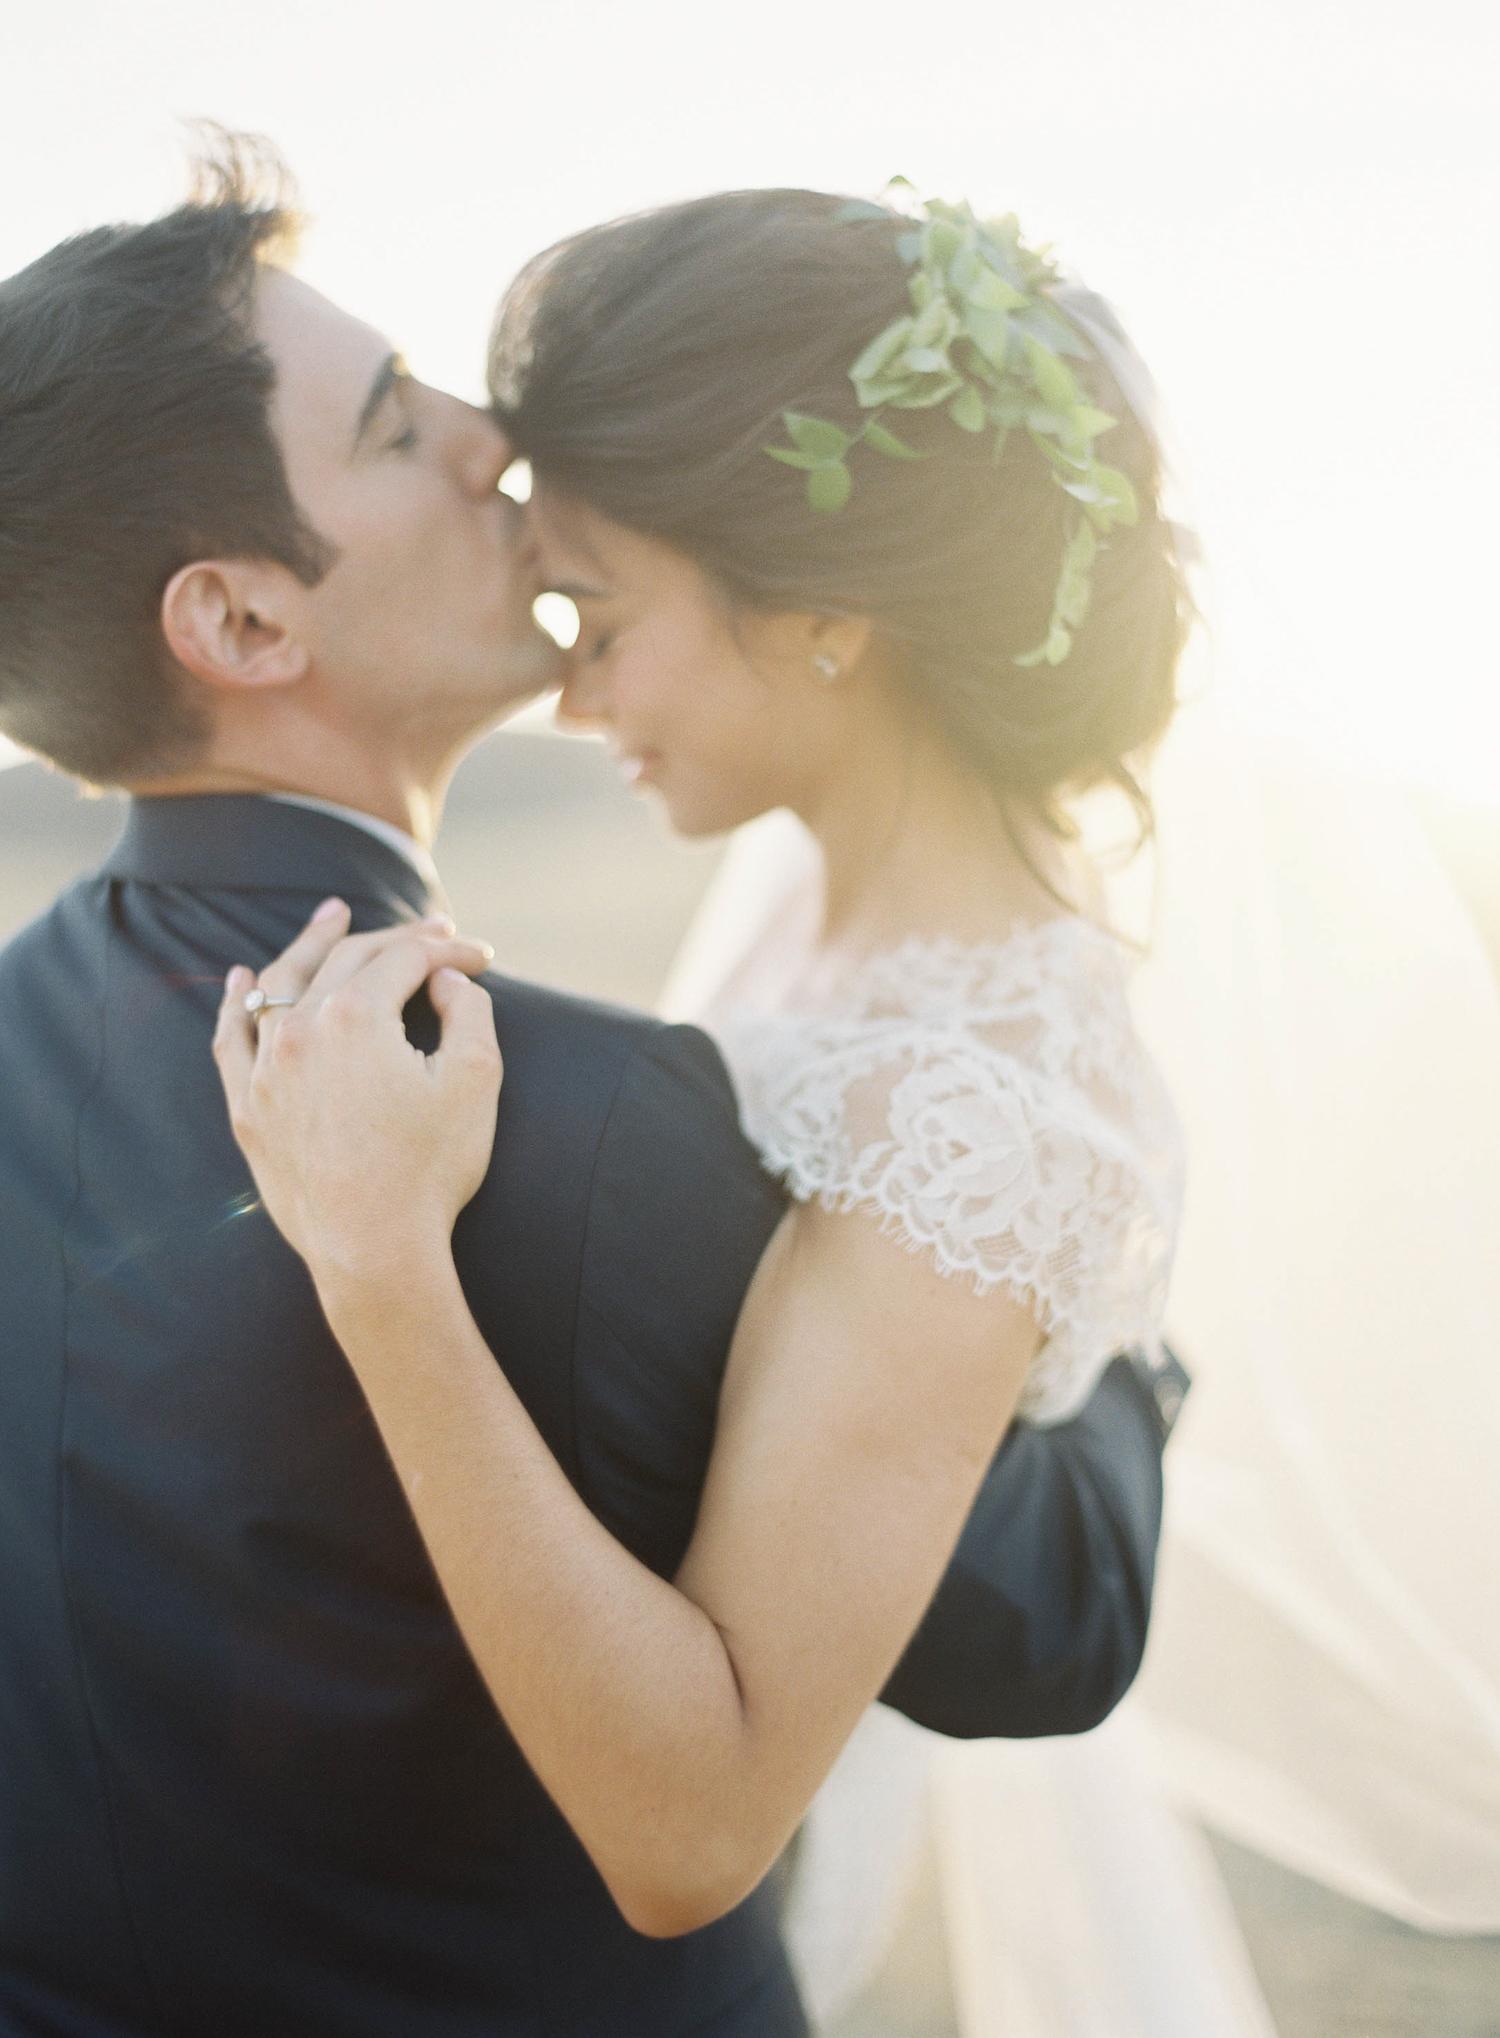 kestrel-park-wedding-49.jpg